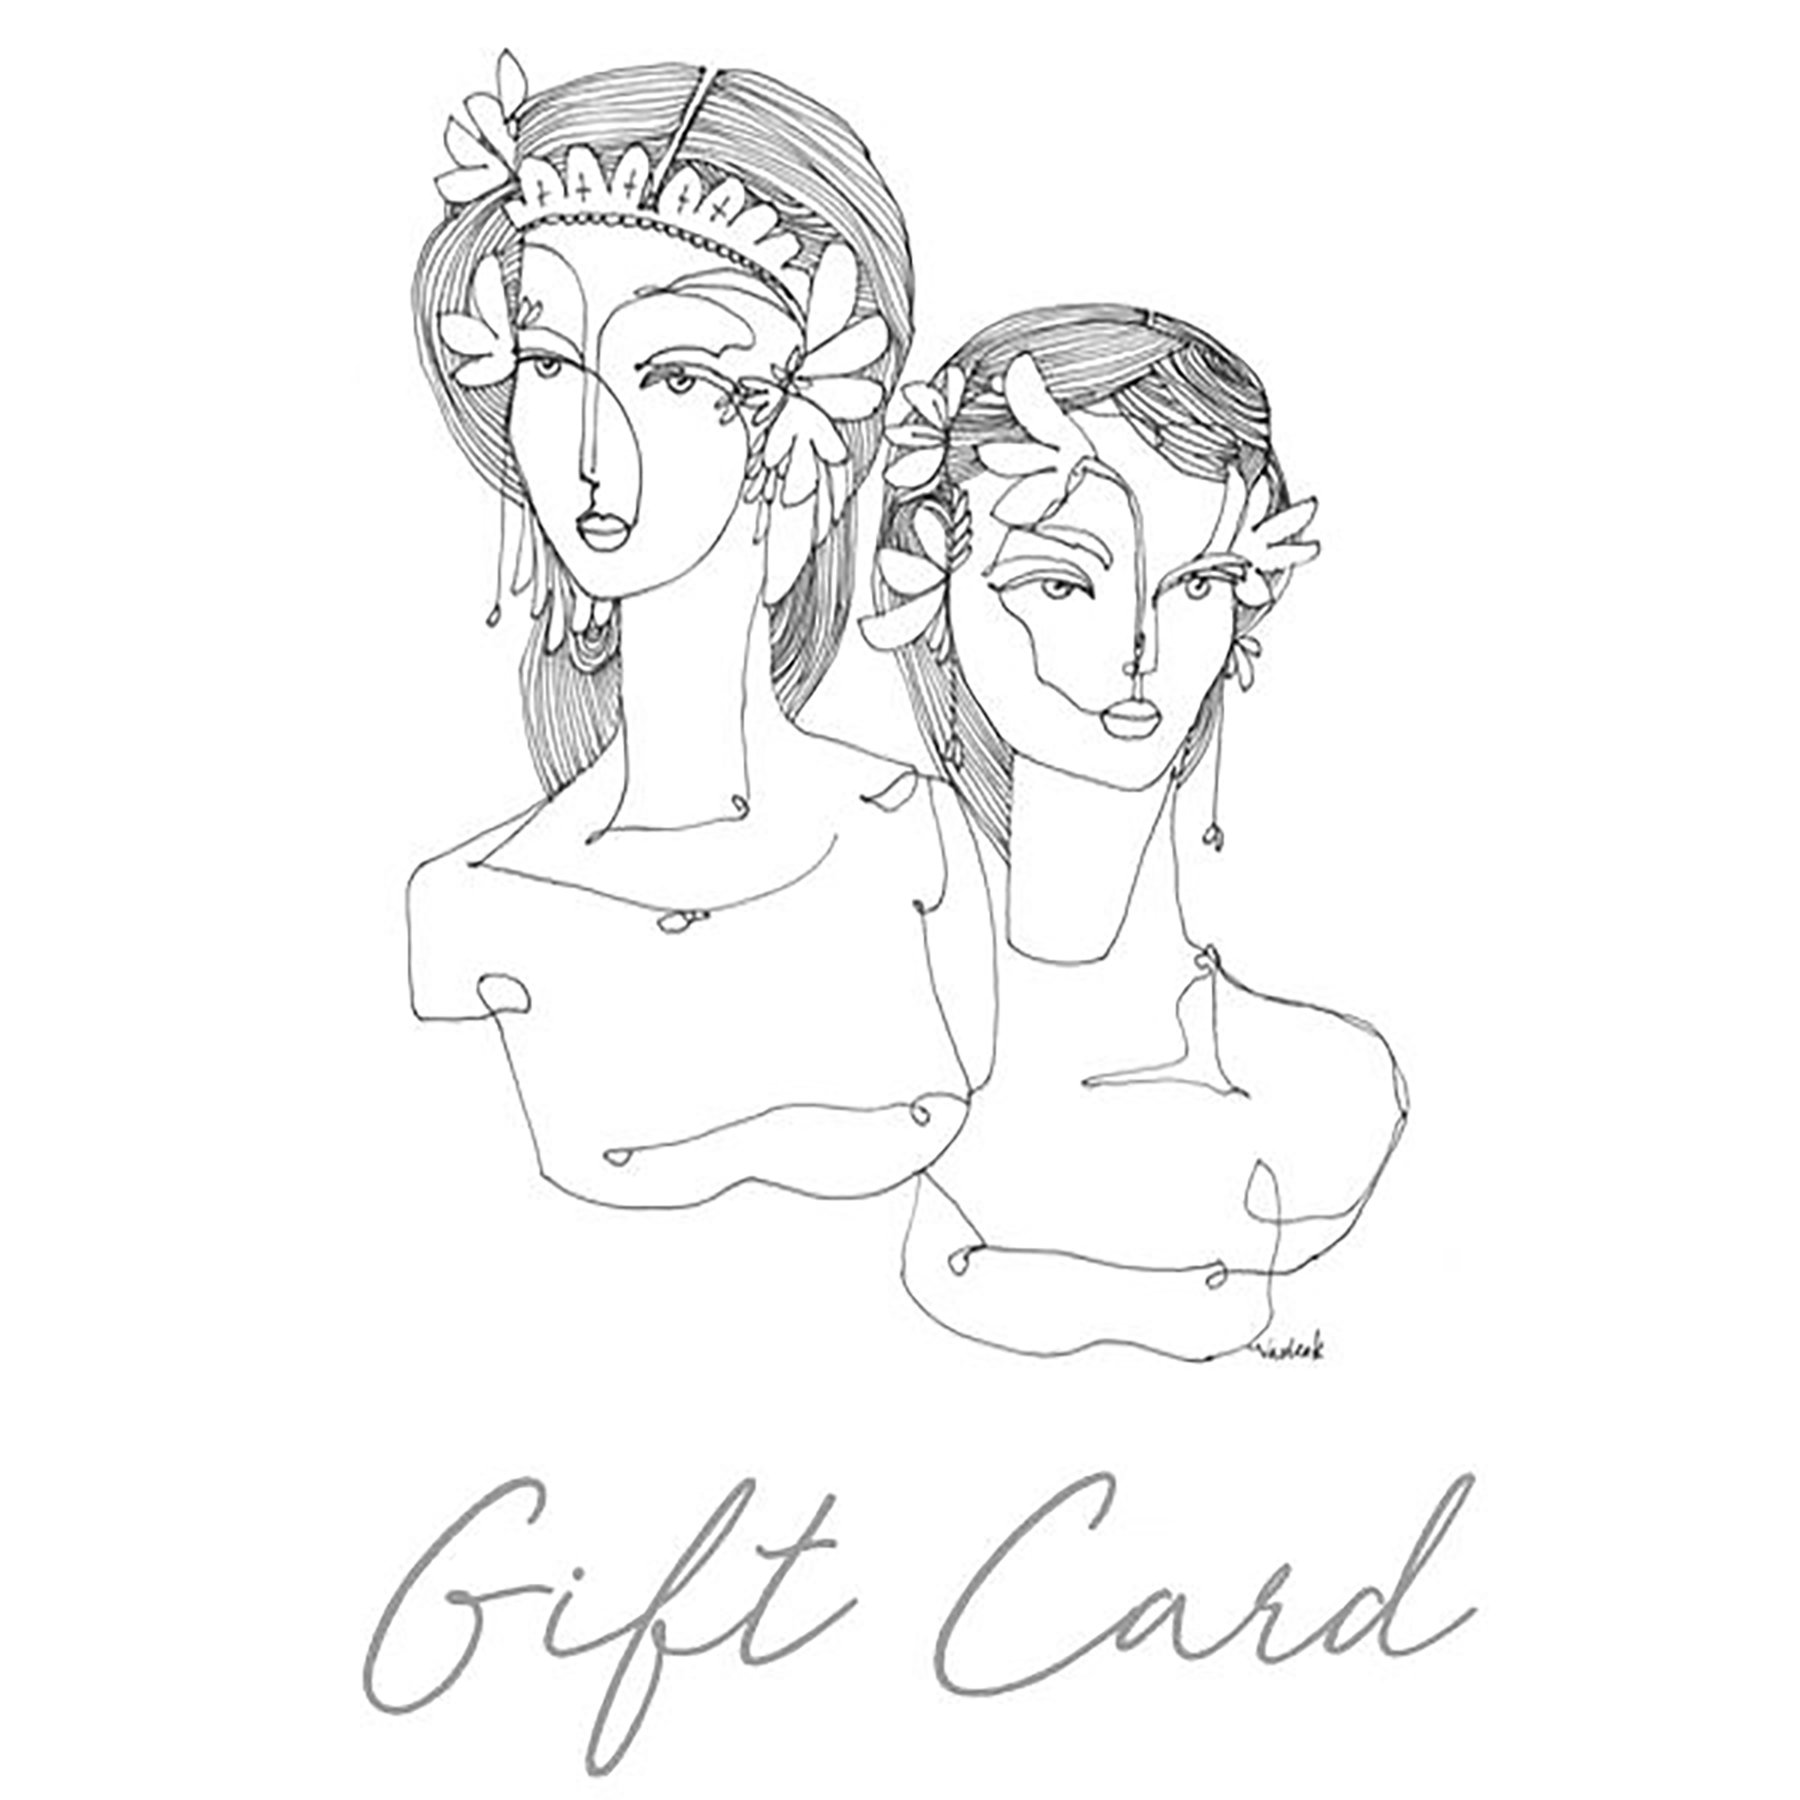 1800x1800 Ahoy Trader E Gift Card